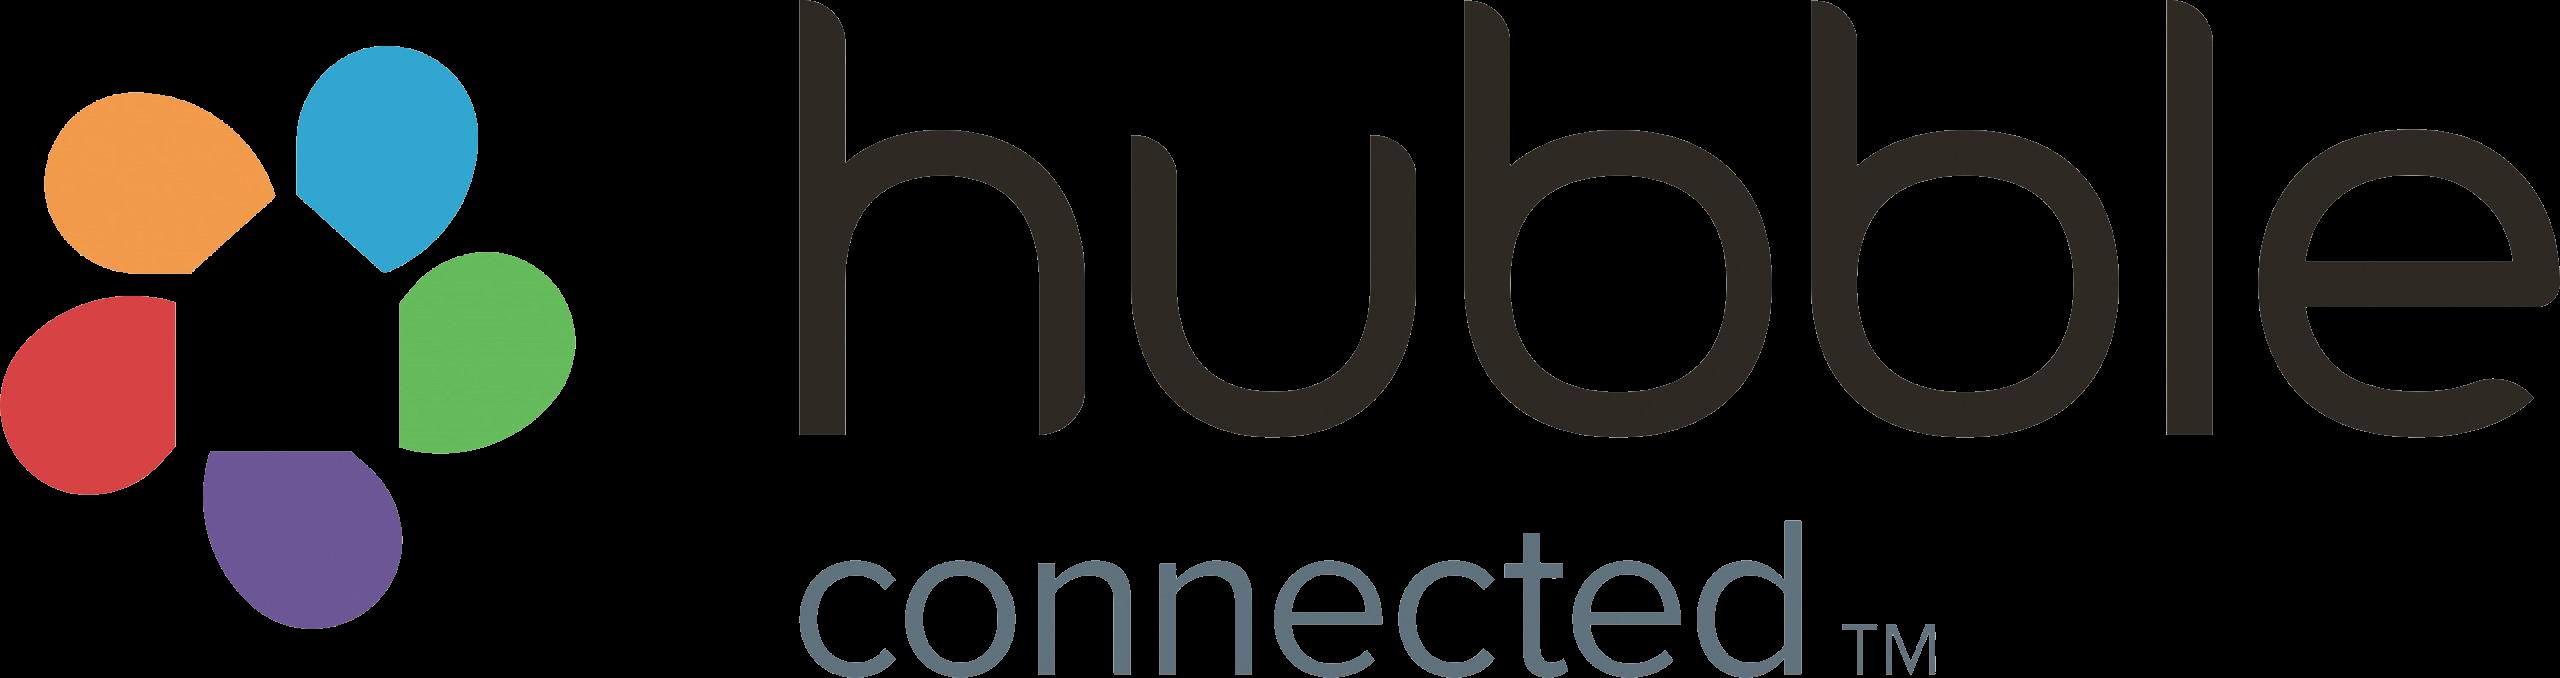 hubble-logo